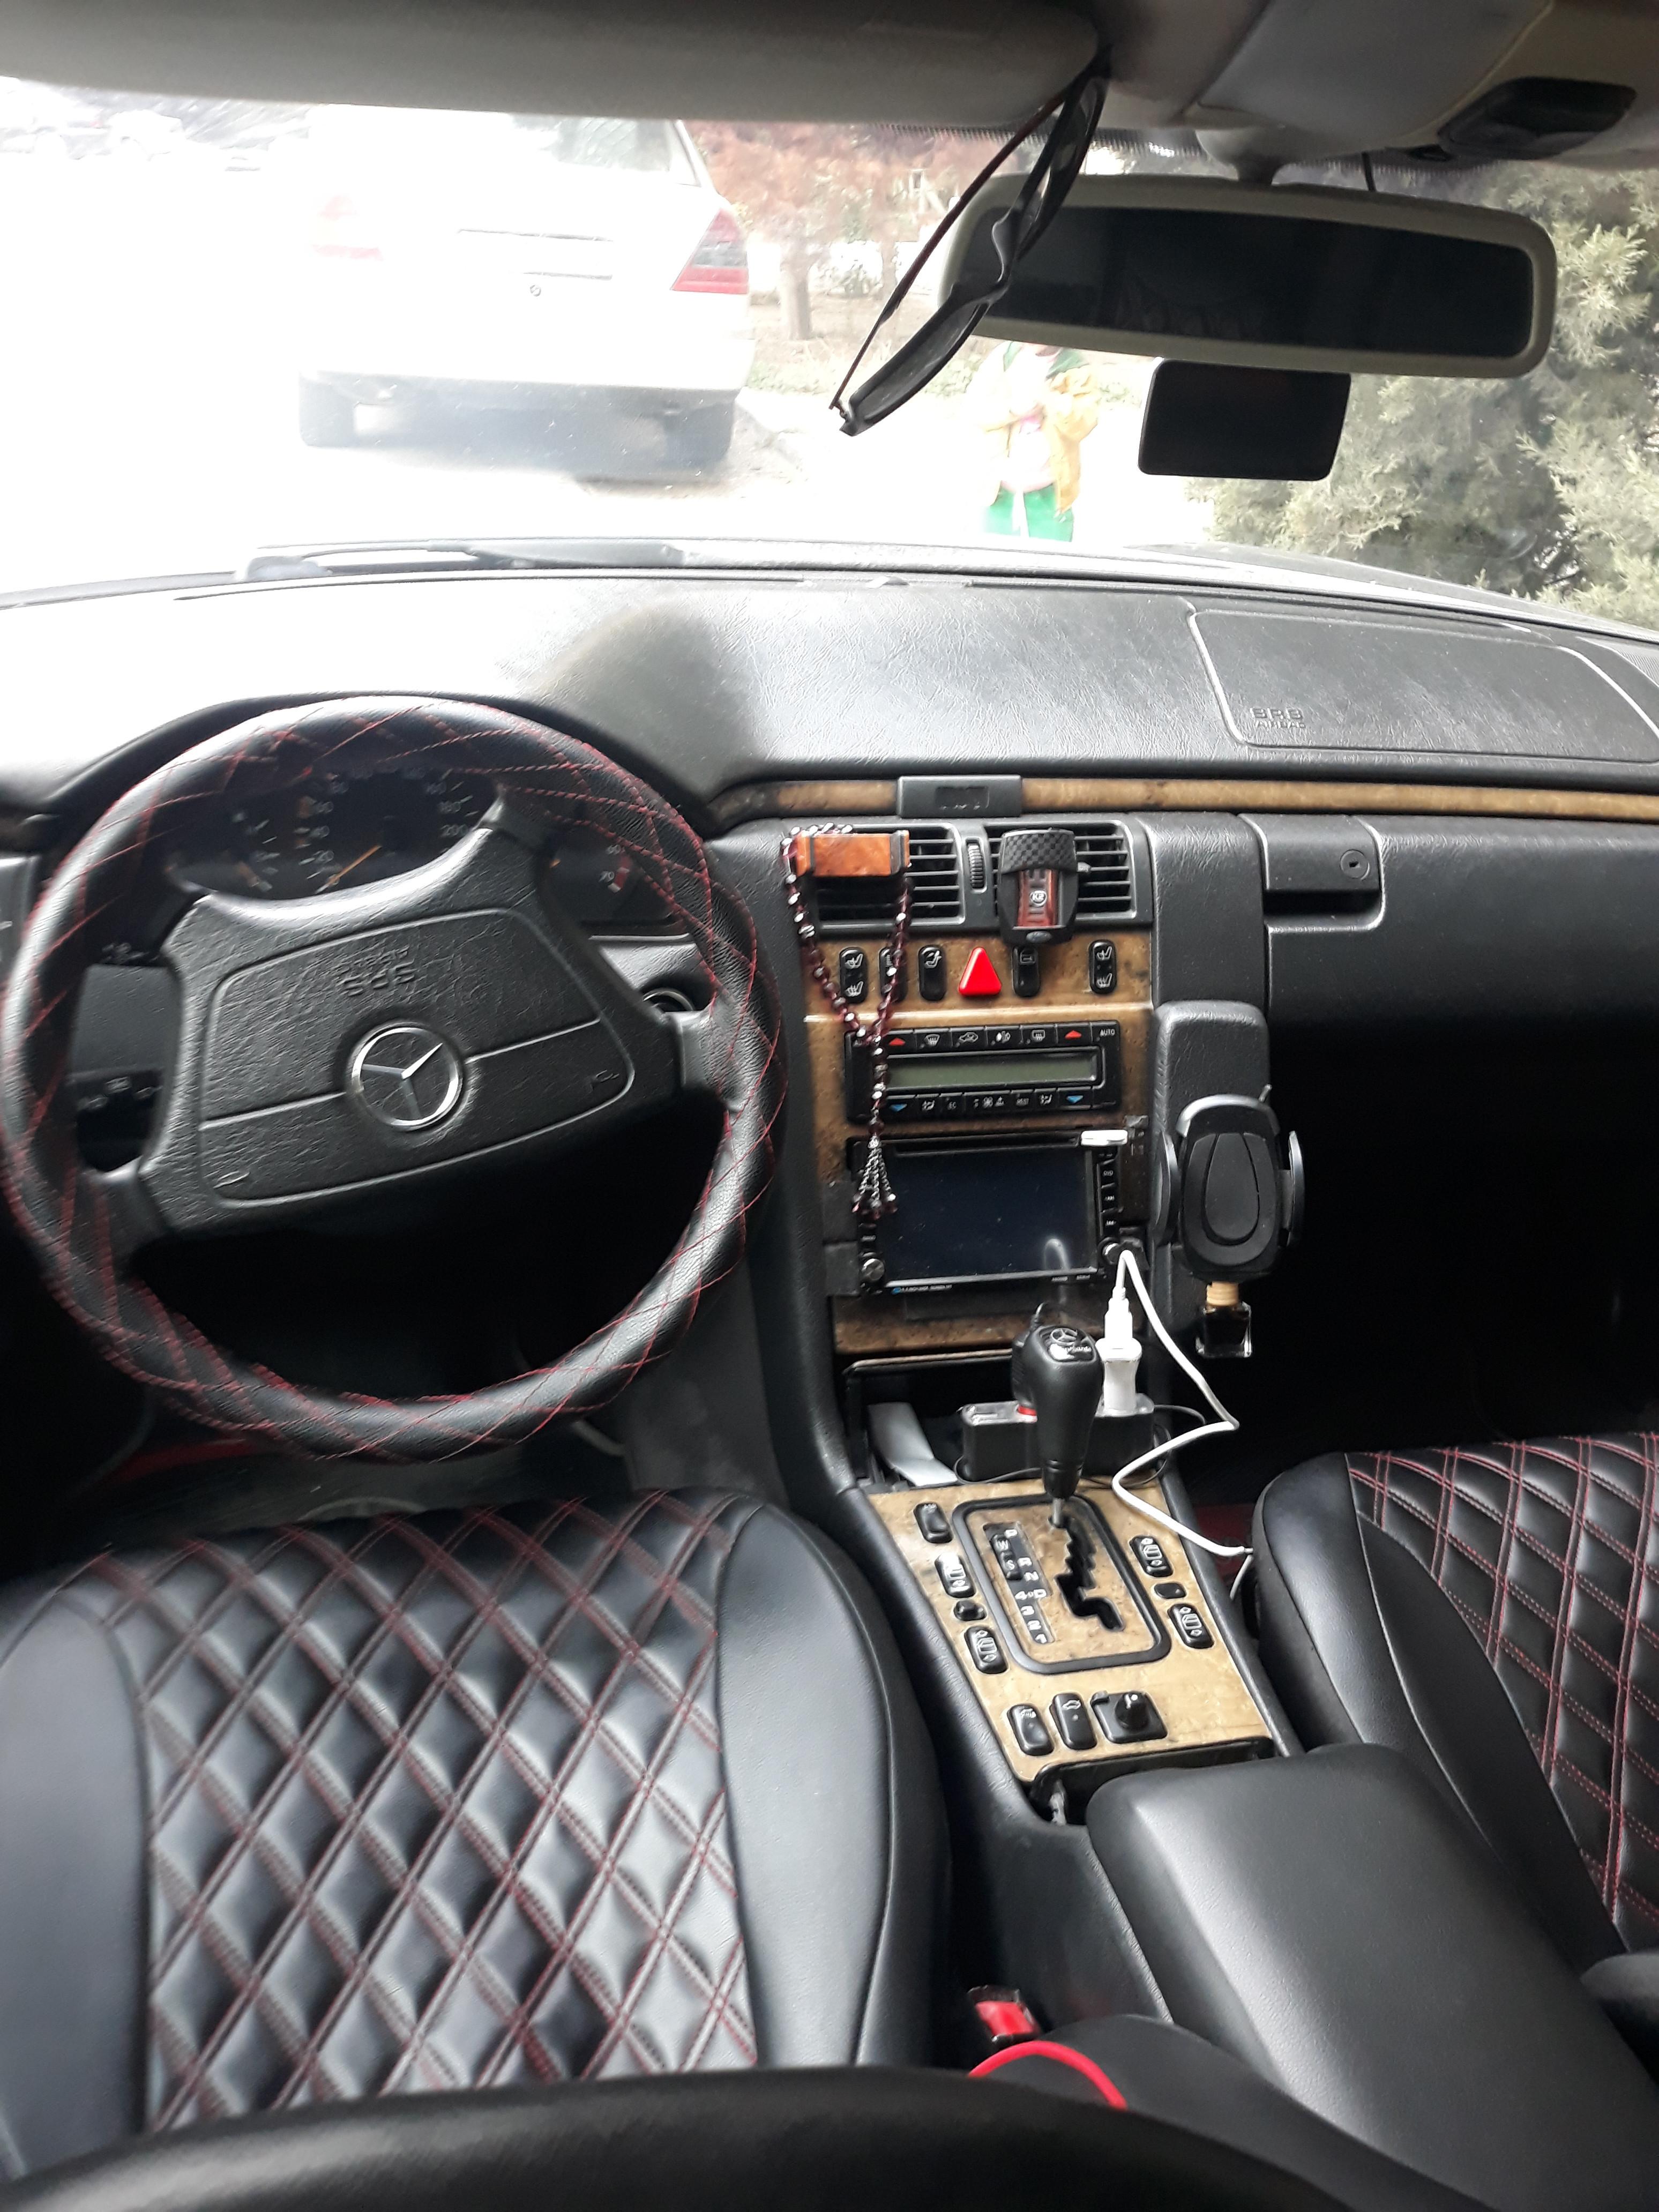 Mercedes-Benz E 240 2.4(lt) 1999 Second hand  $6600